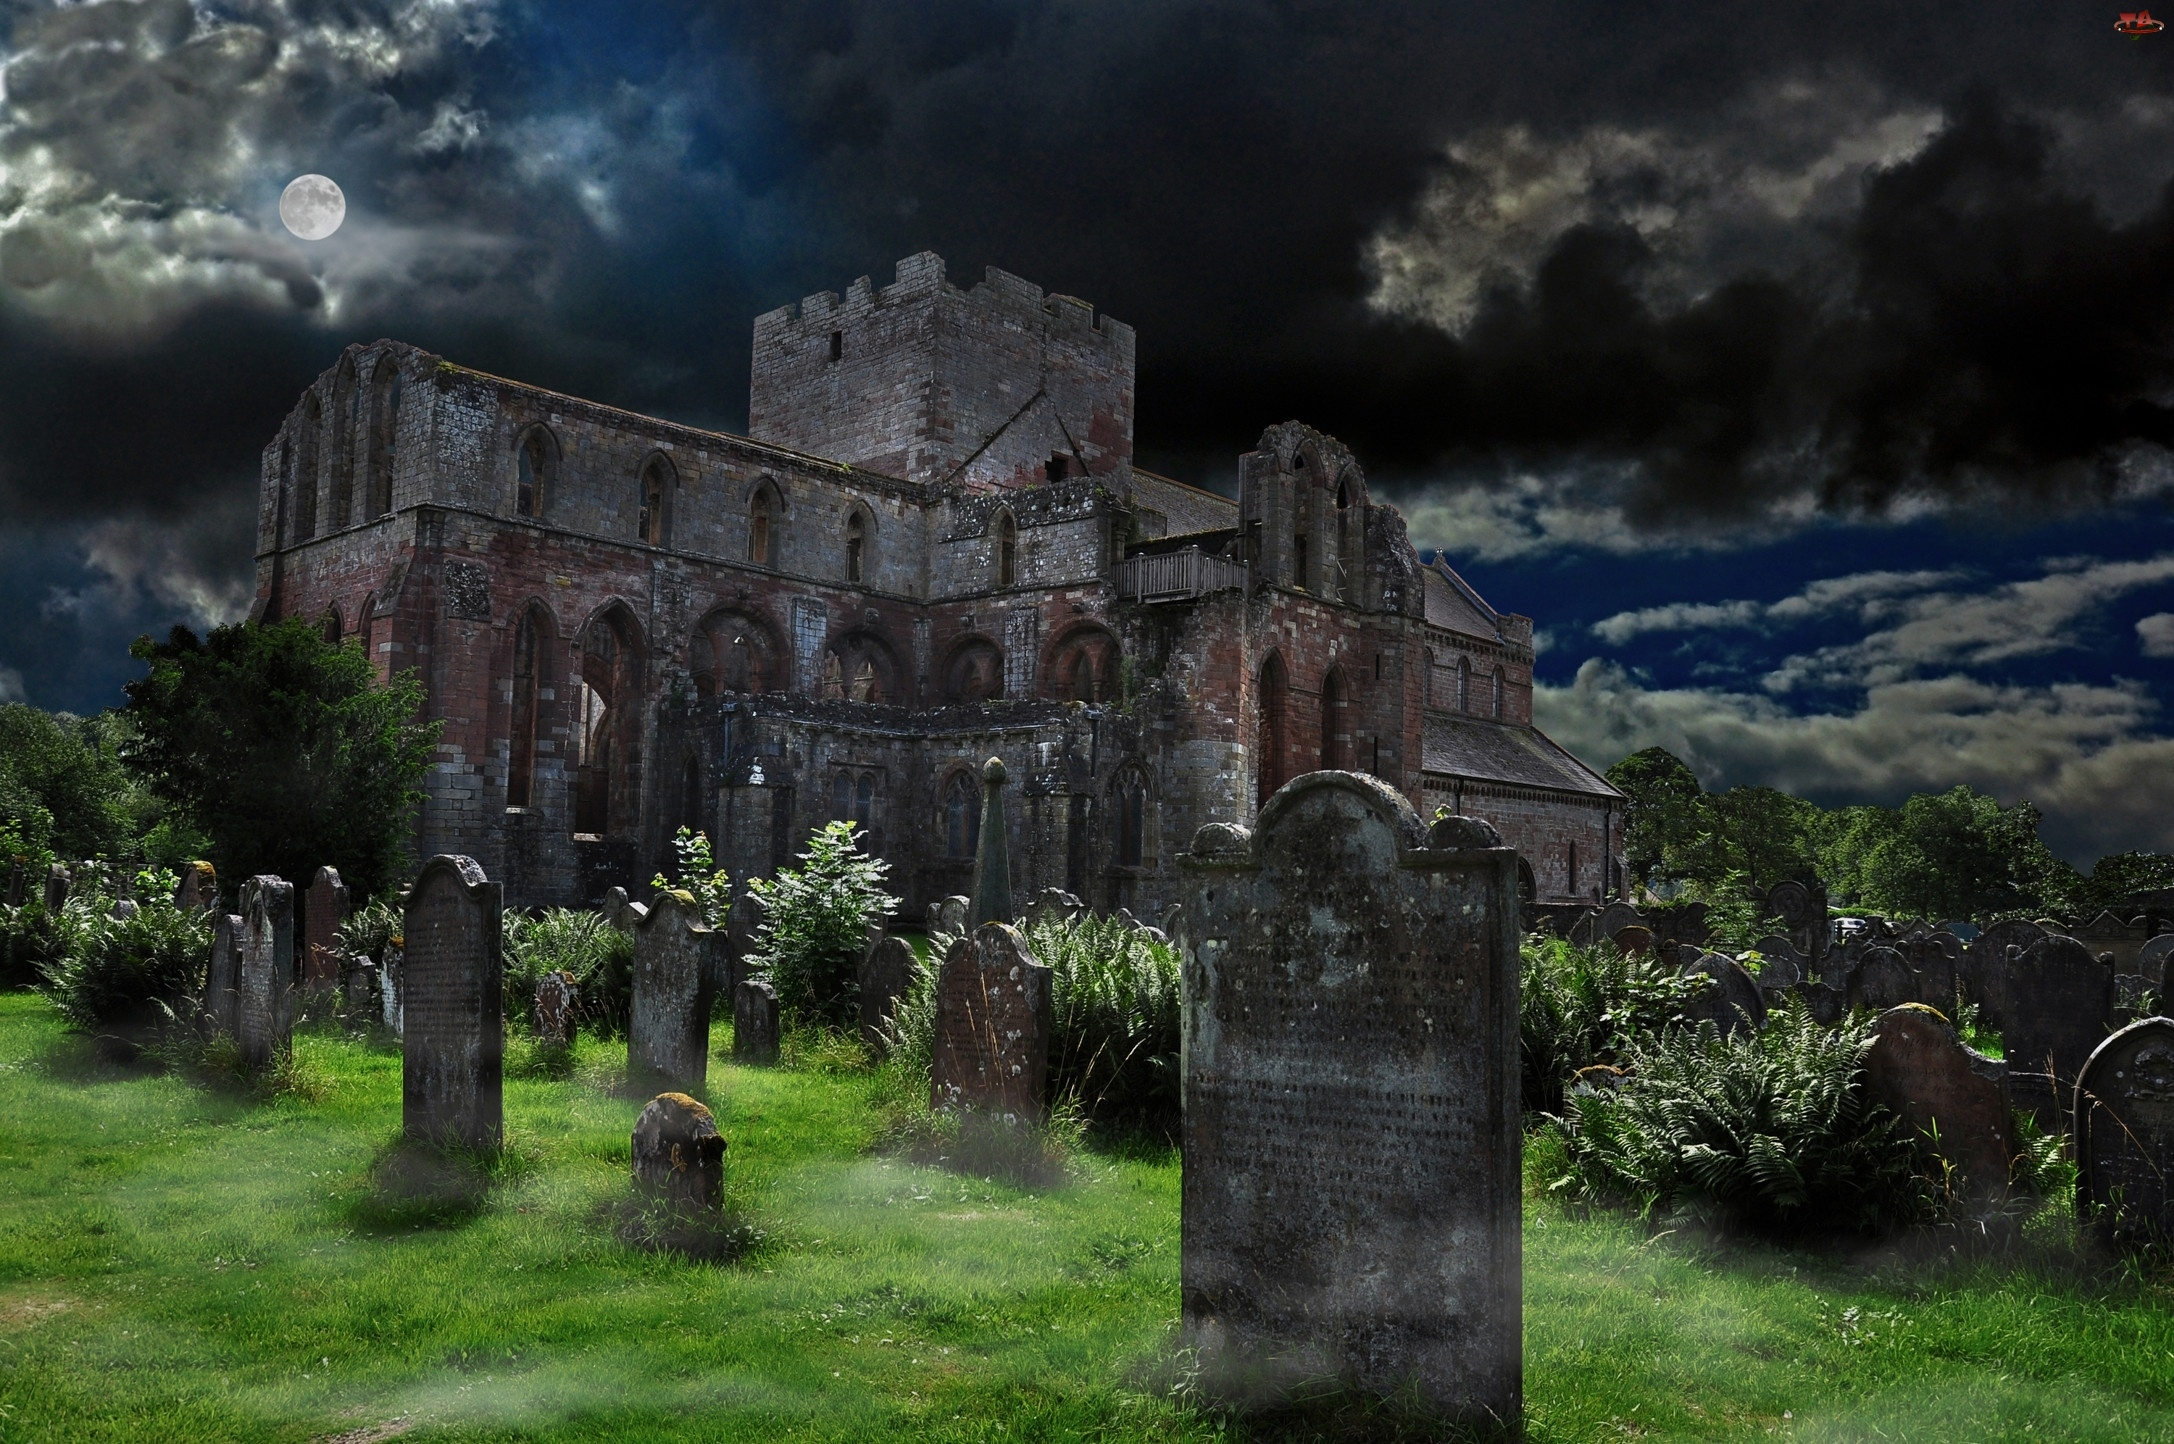 Zamek, Cmentarz